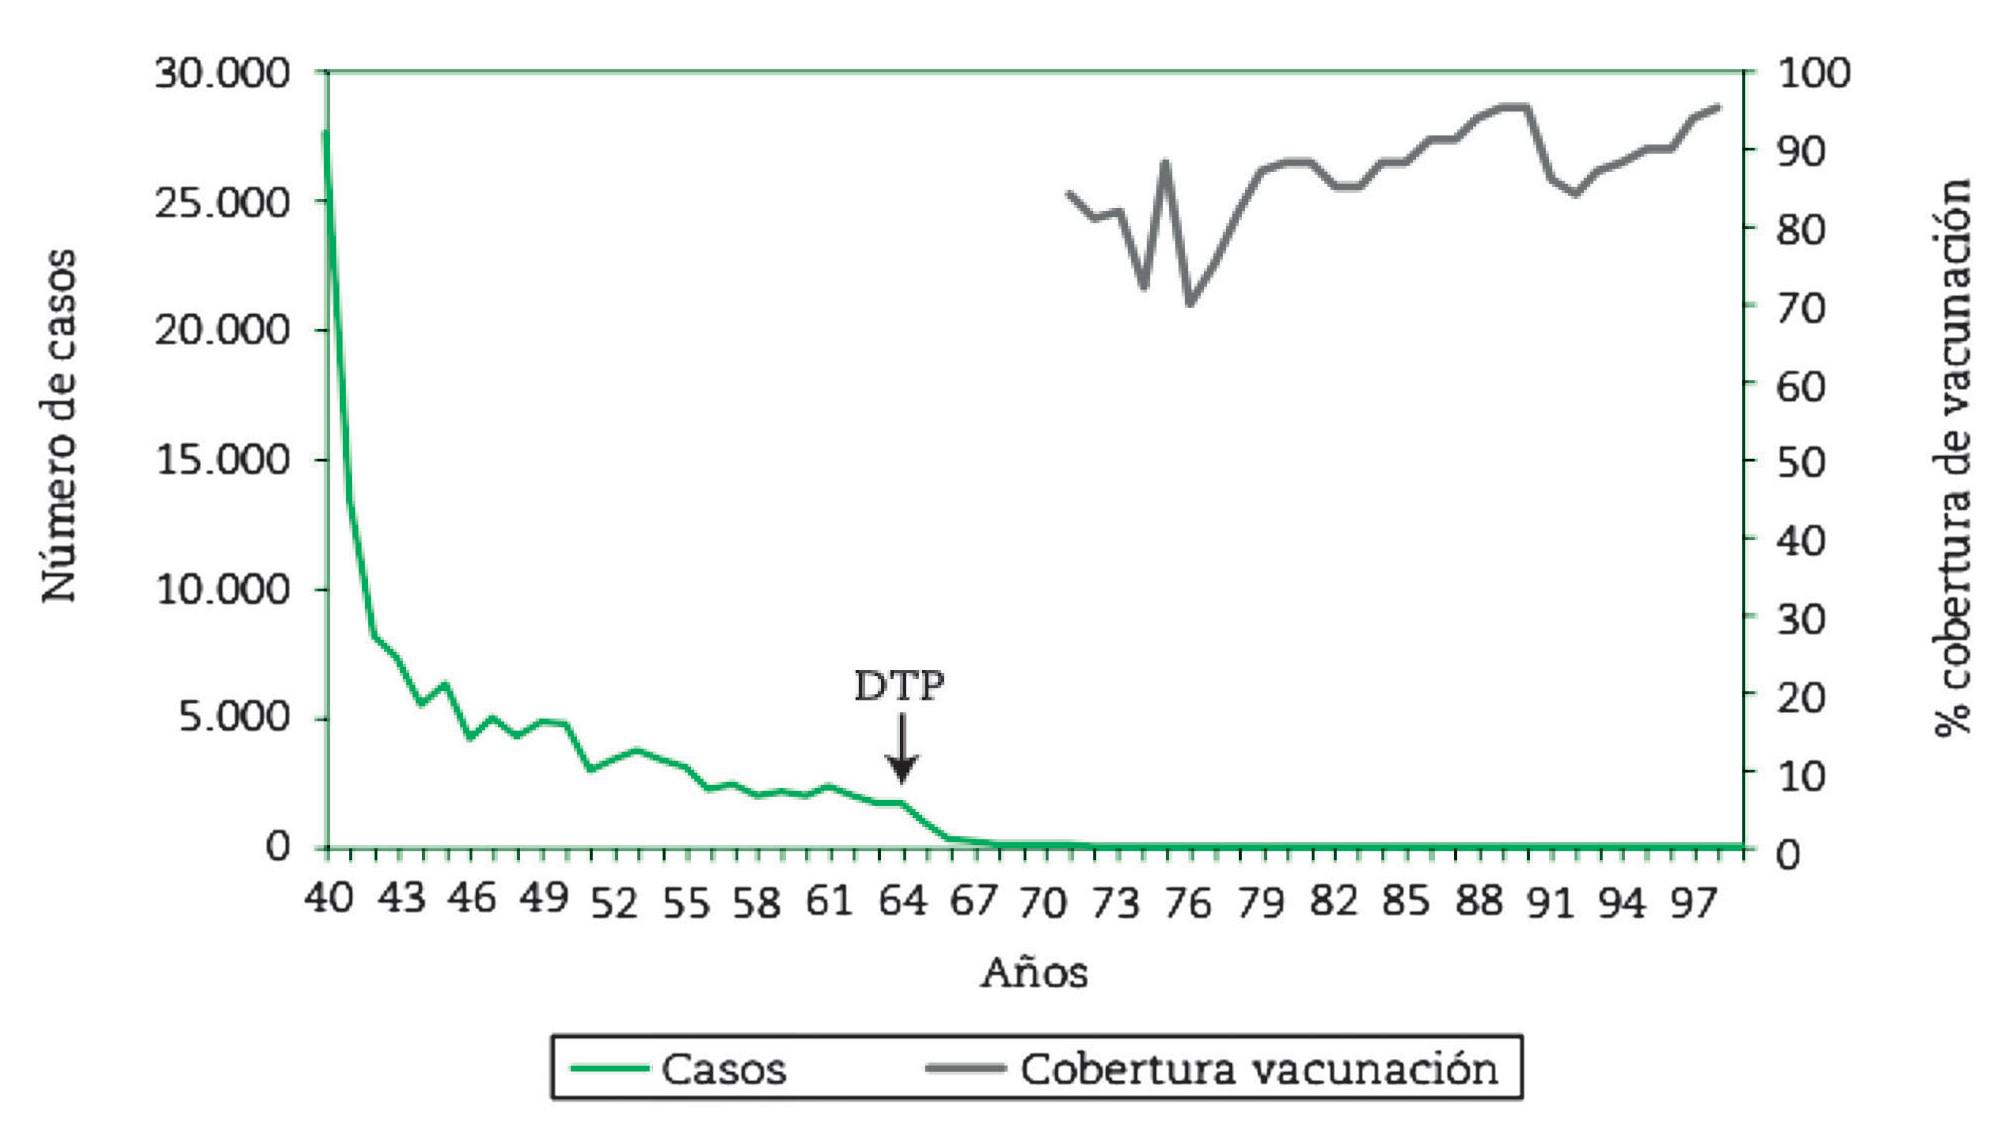 Casos anuales y cobertura de vacunación, 1940-1999. (Centro Nacional de Epidemiología, Ministerio de Sanidad y Consumo)